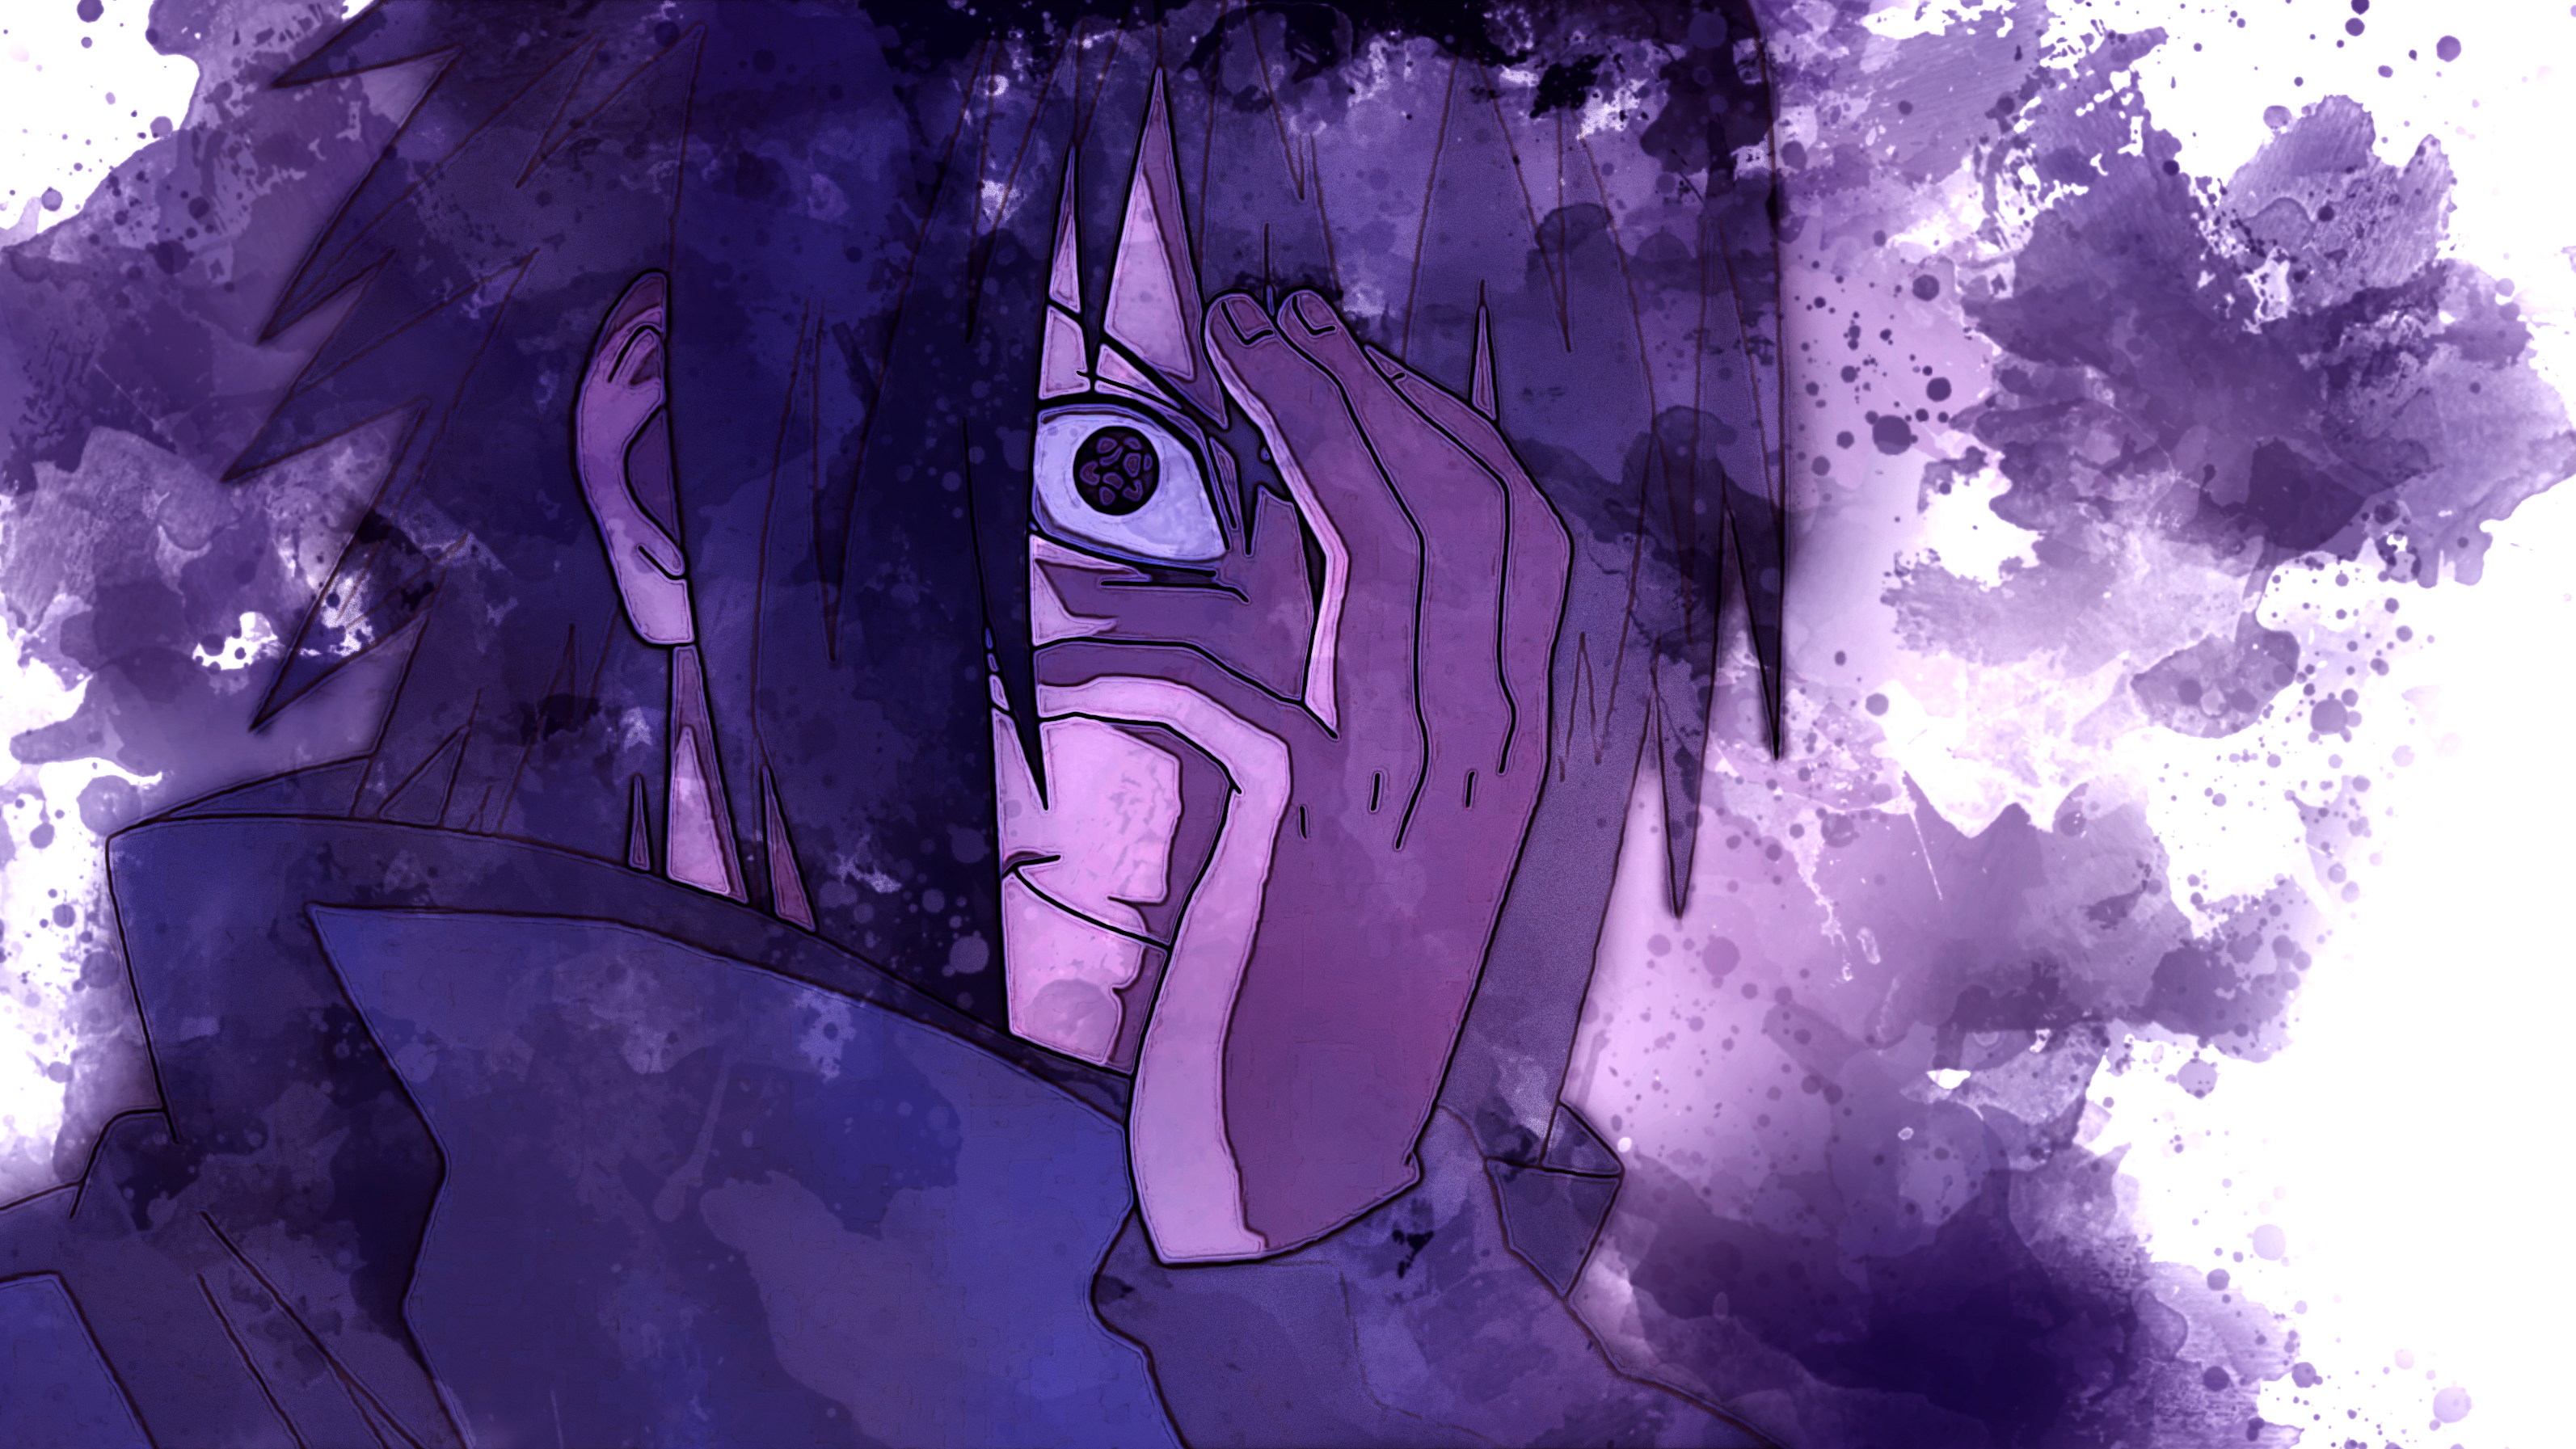 Sasuke Eternal Mangekyou Sharingan HD Wallpaper